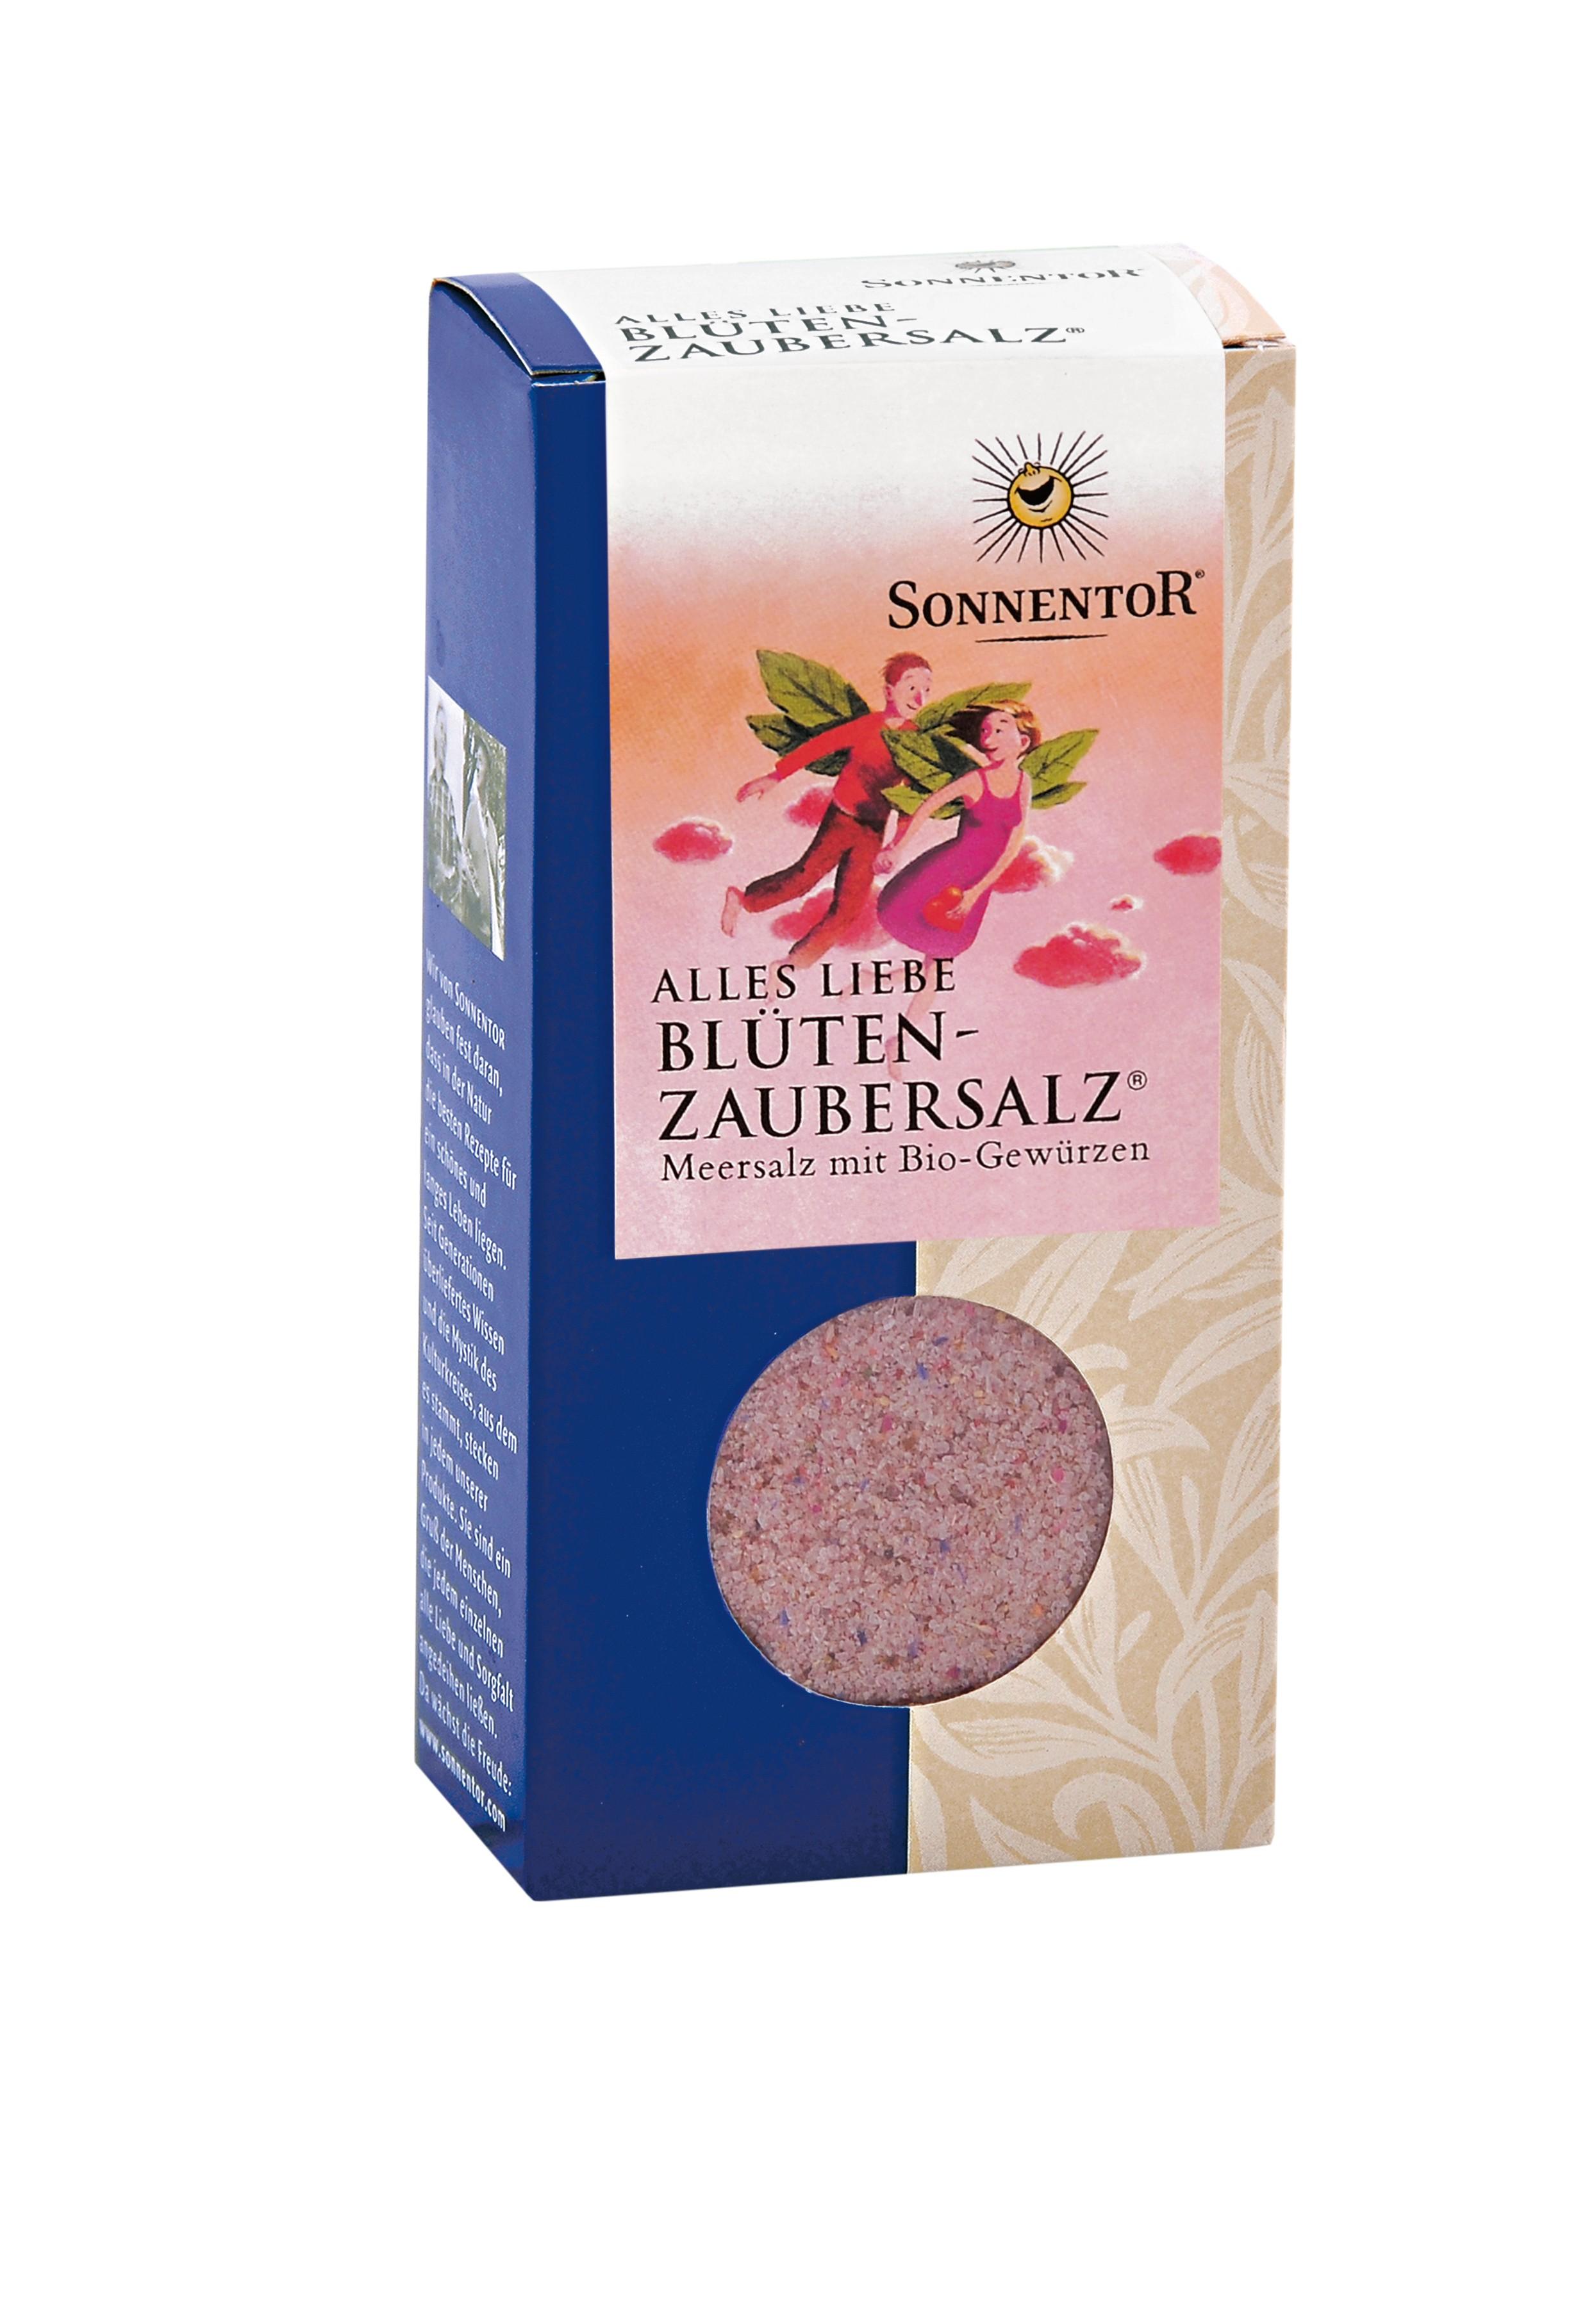 Alles Liebe-Blütenzaubersalz bio 120 g